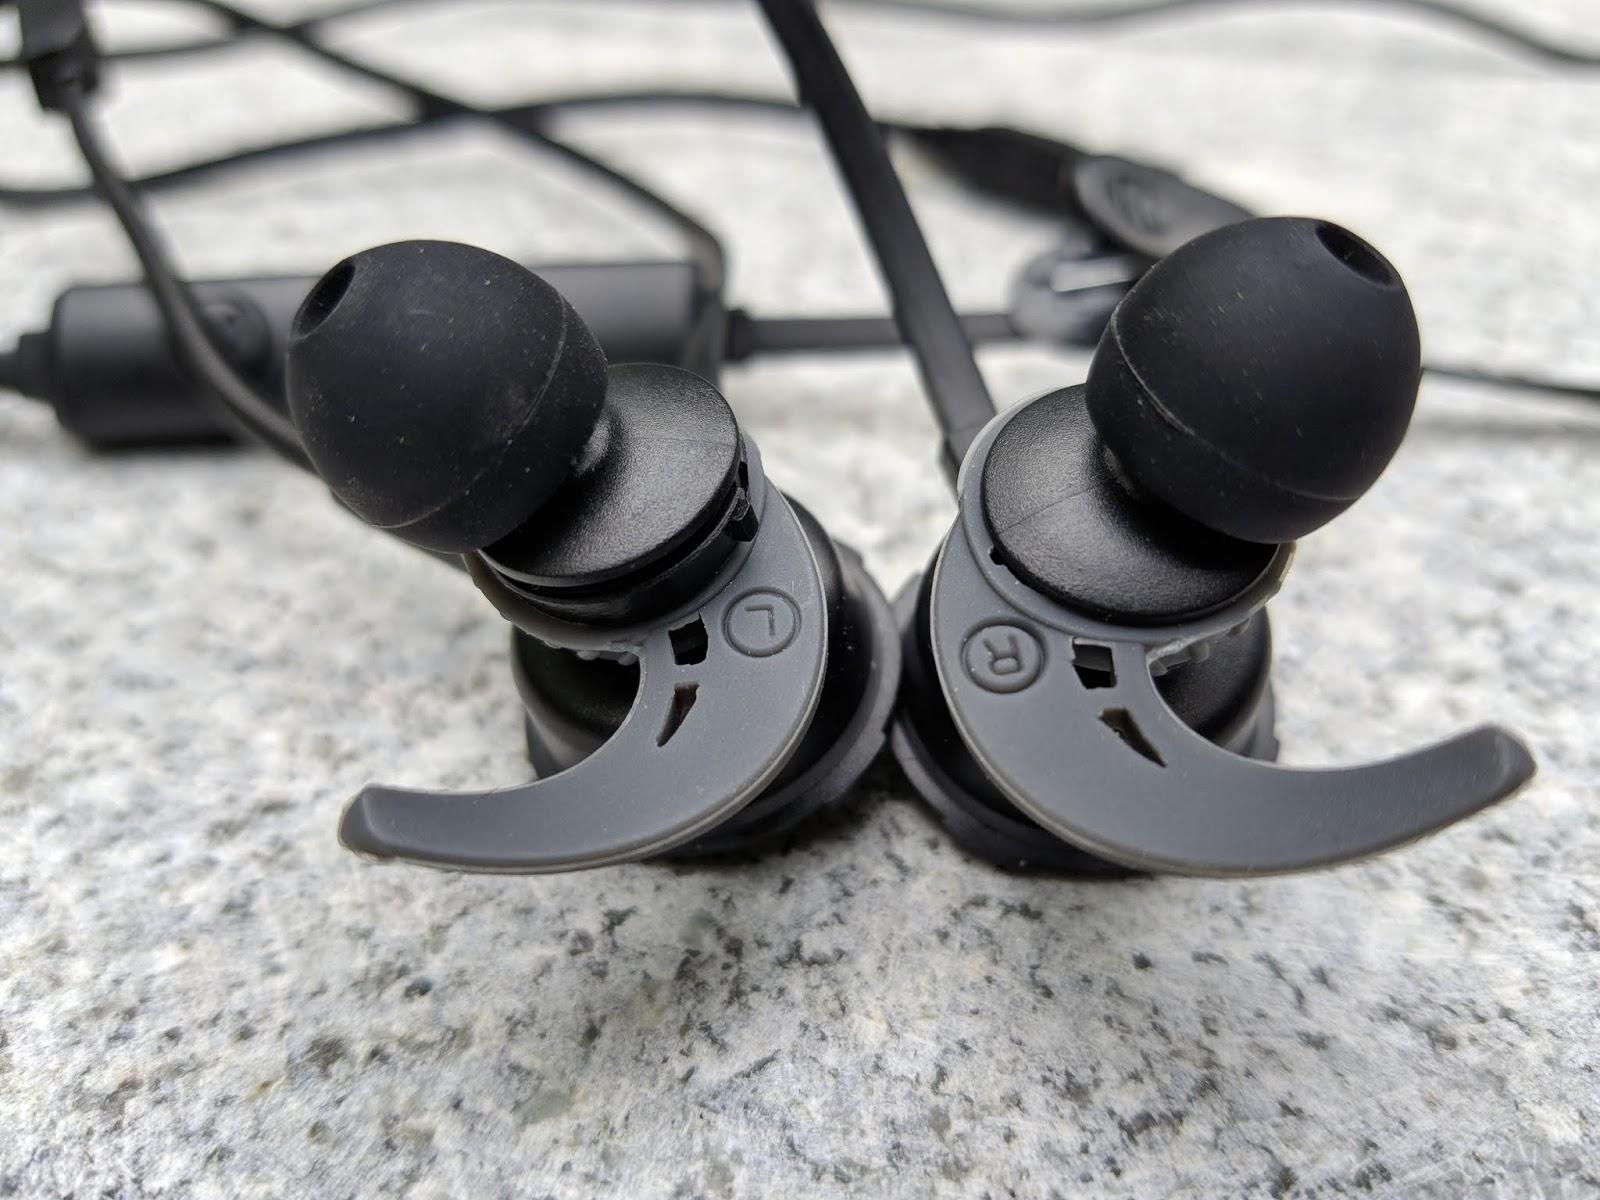 Föraning energi Lilja g30 headset vader365.se